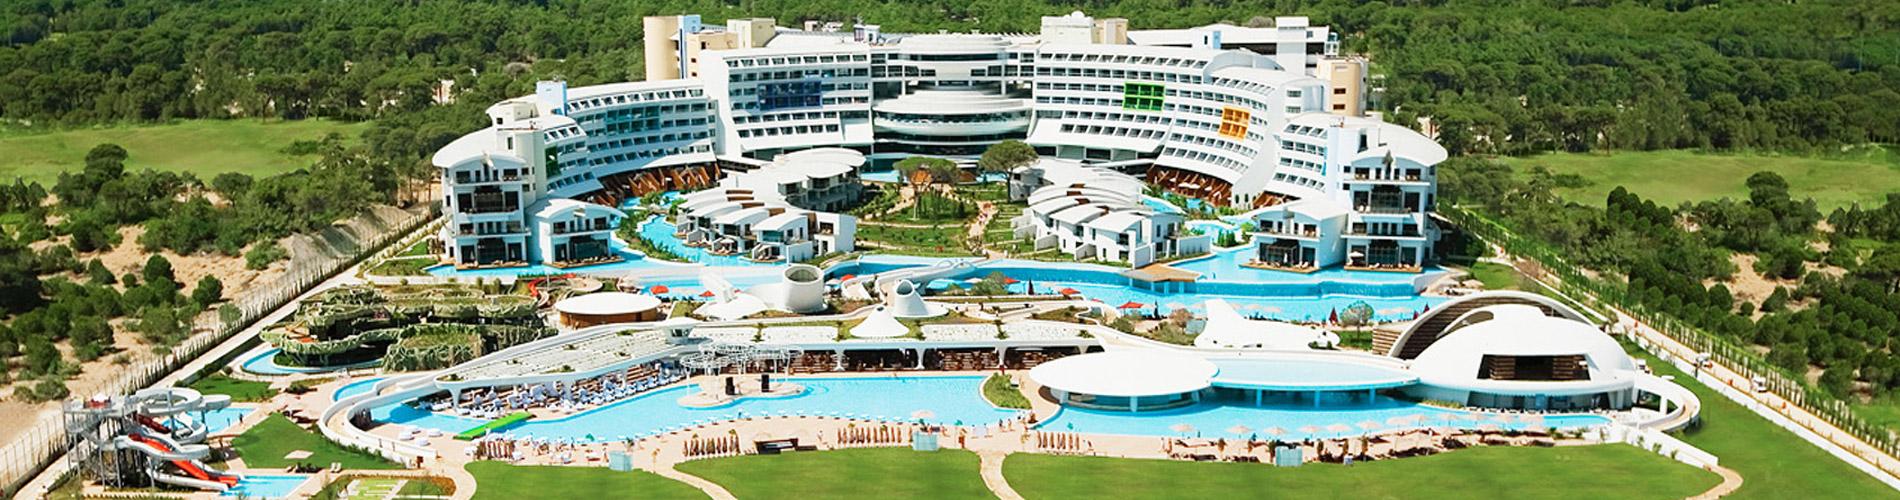 Schottland Hotels  Sterne